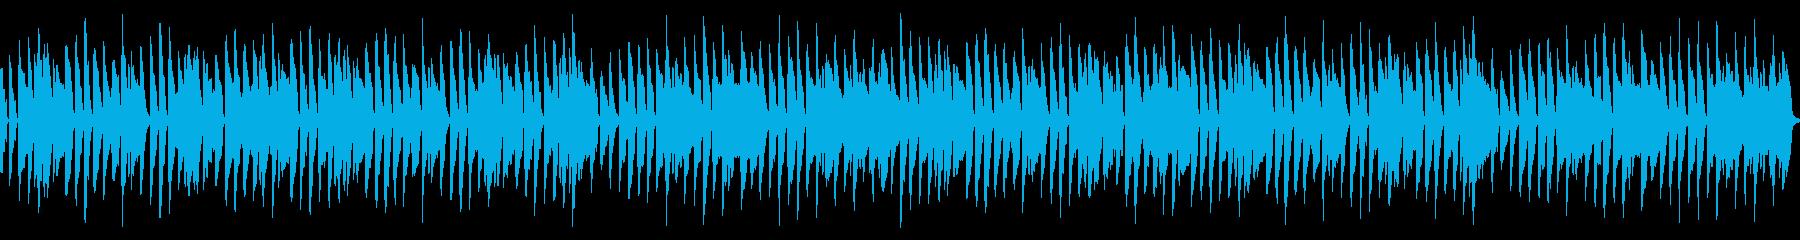 ほのぼのループBGMの再生済みの波形